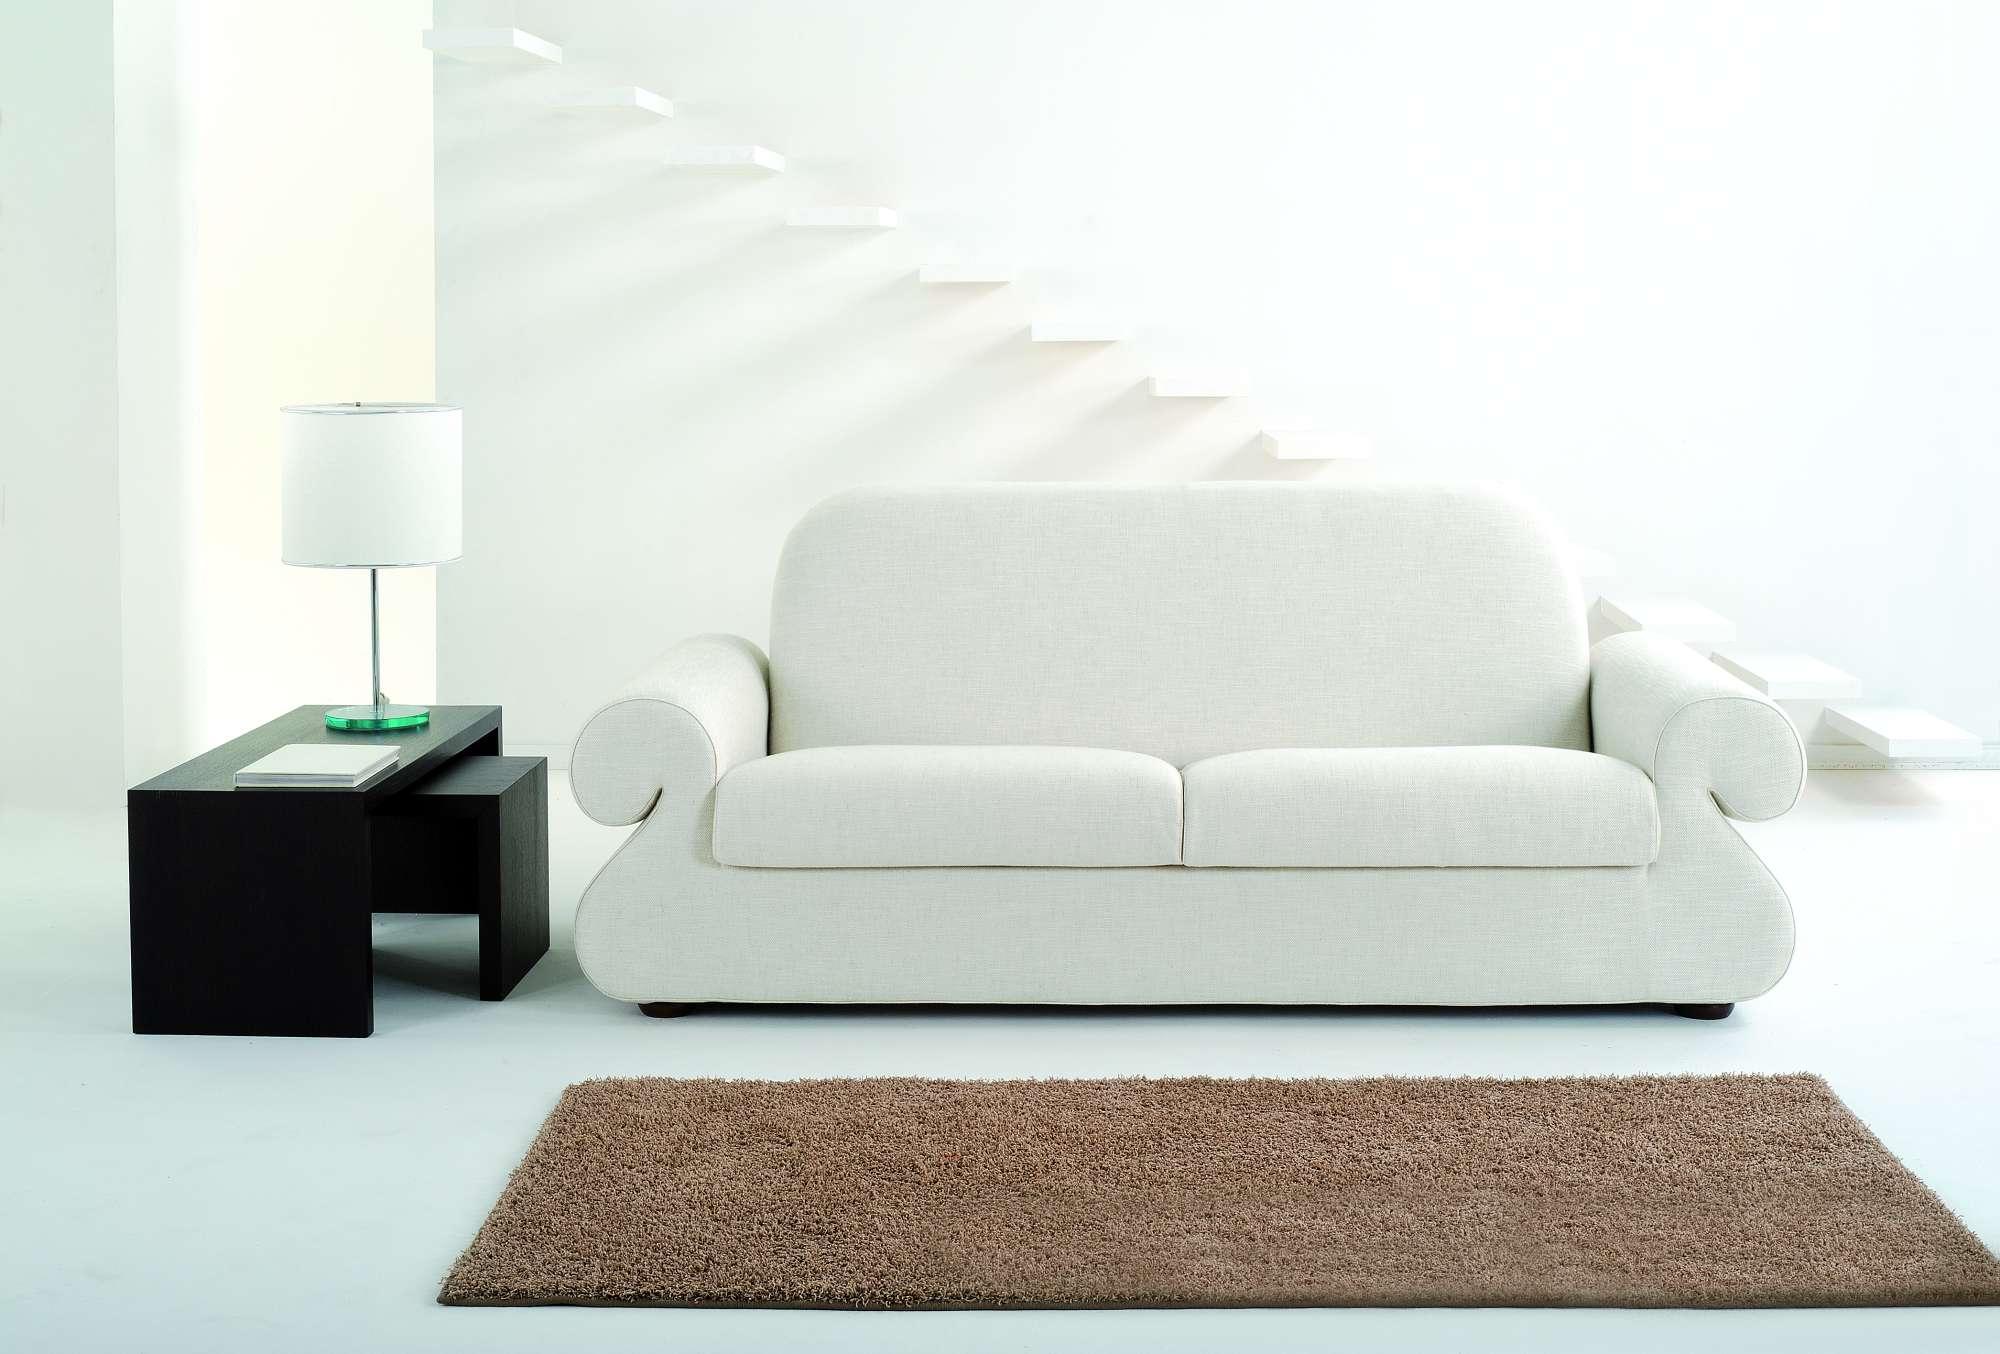 Ananta divani letto collezione intramontabili for Letto fluttuante